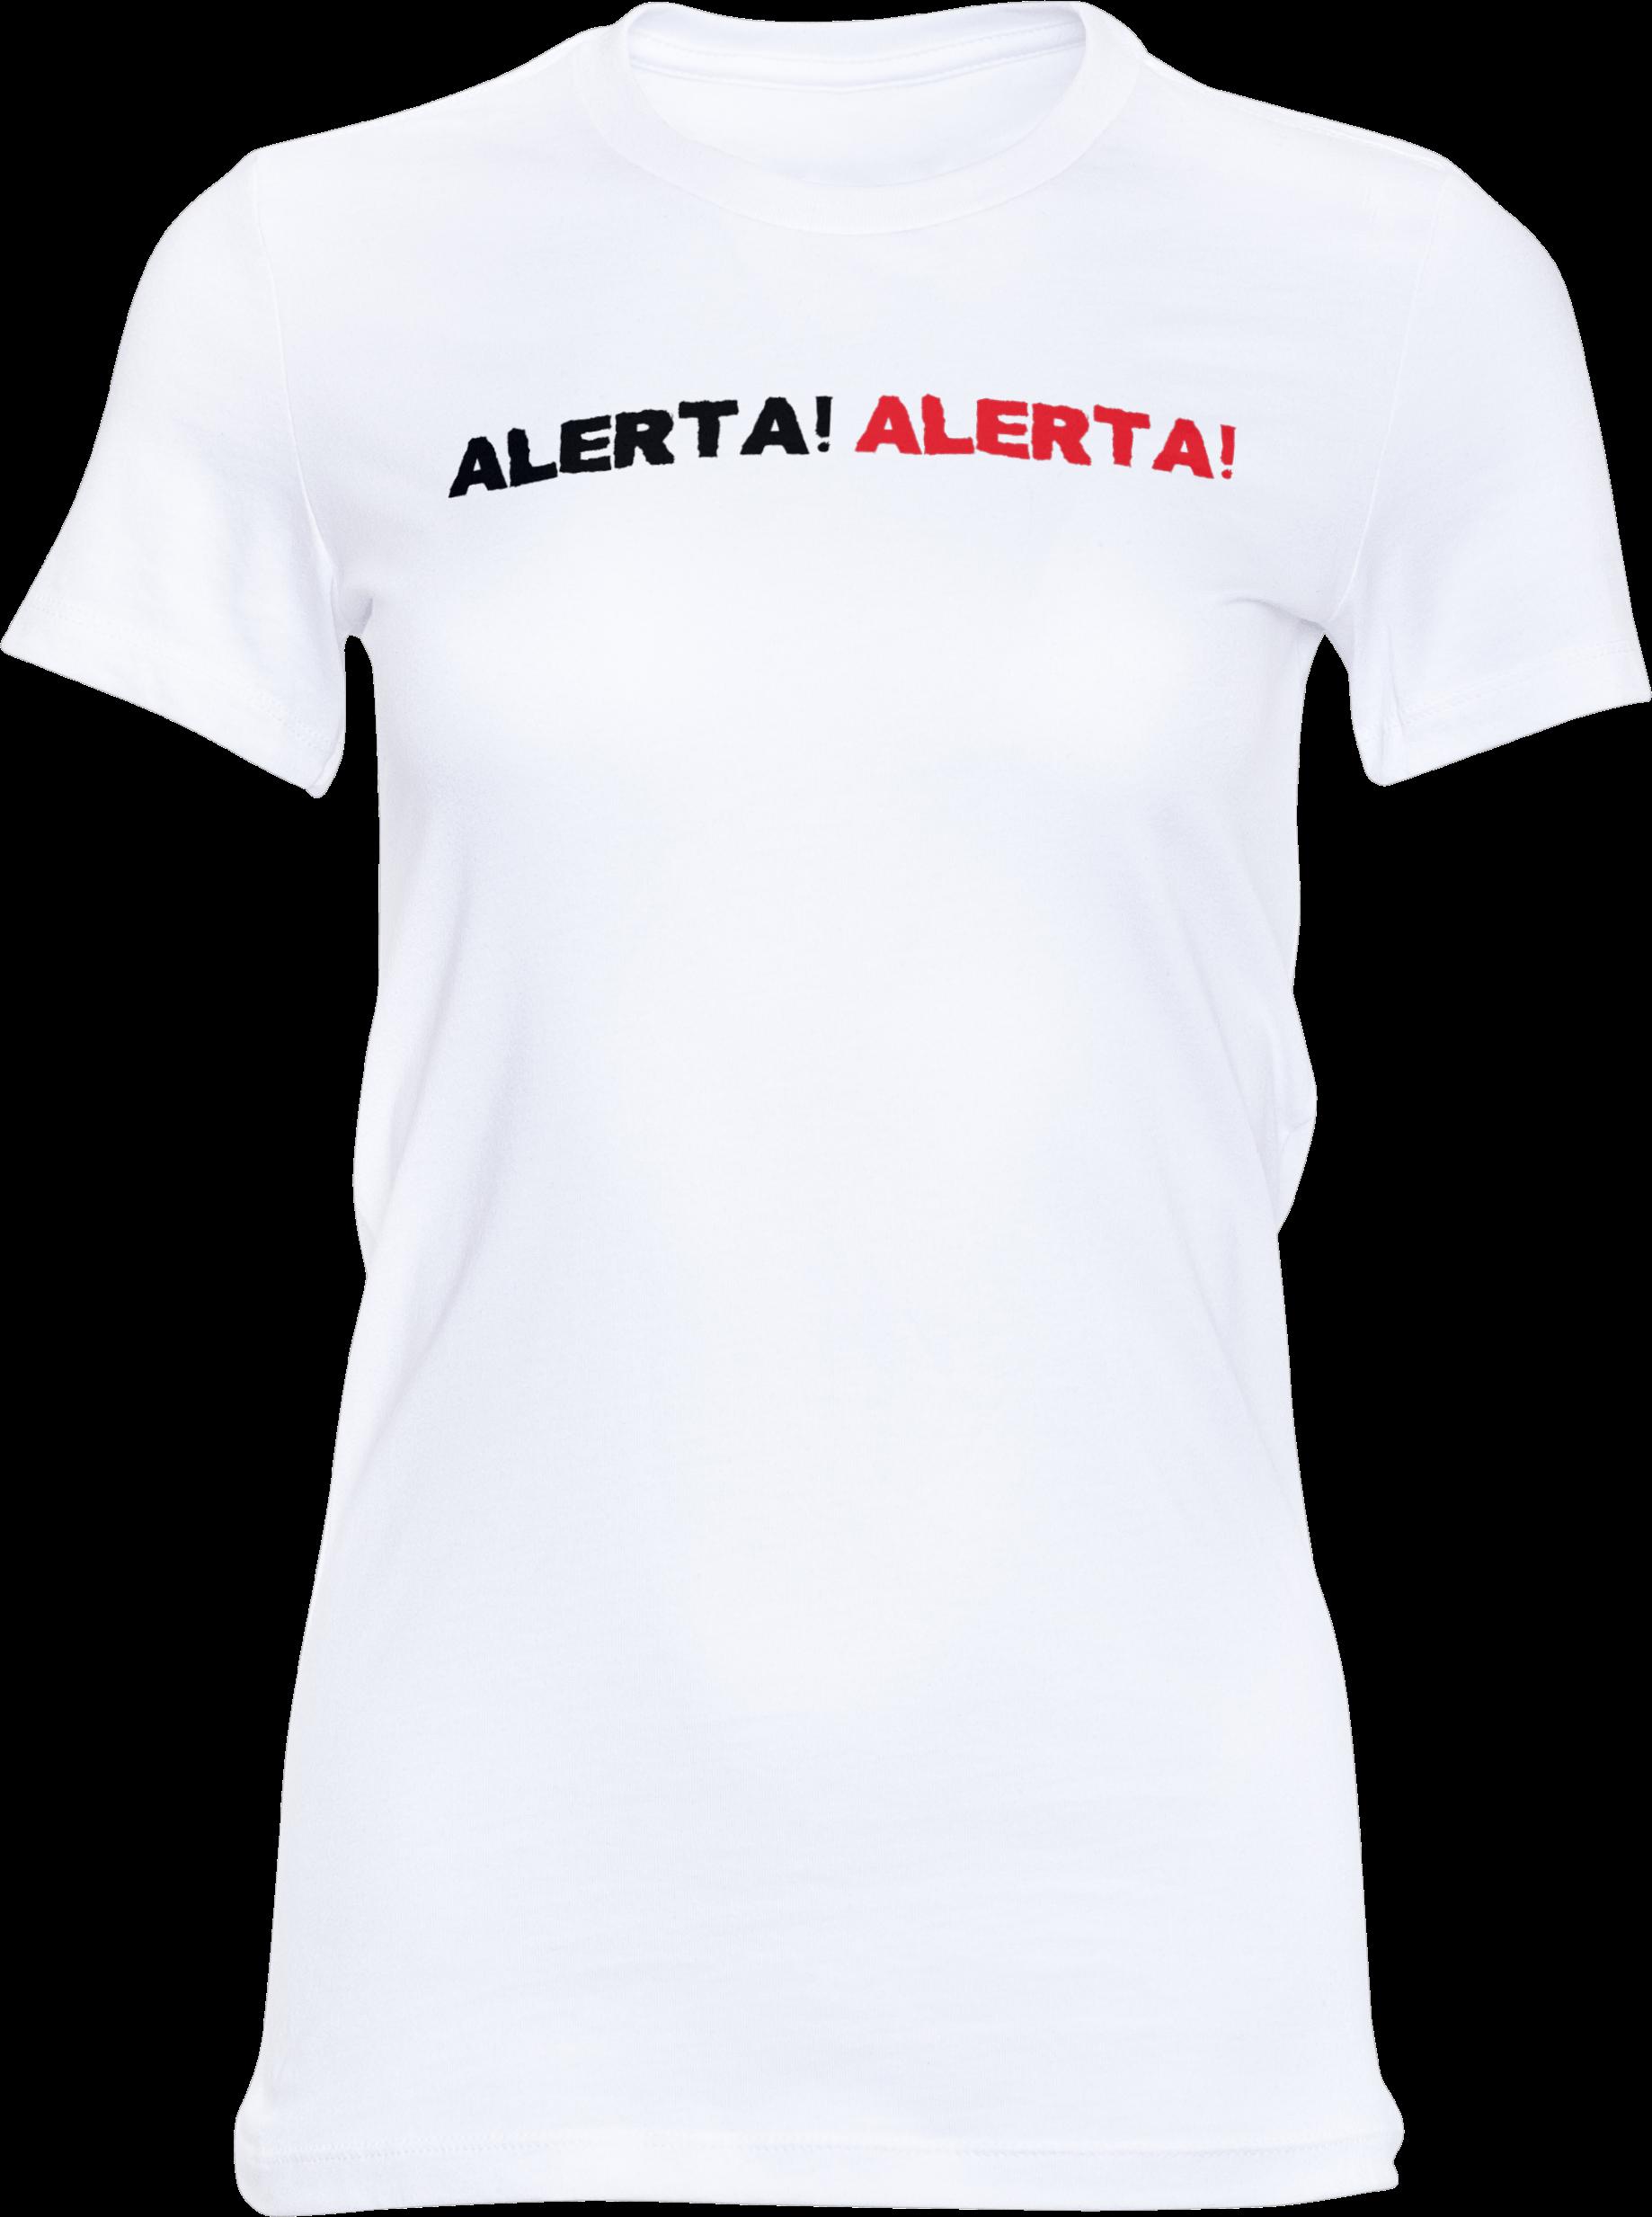 Motiv-Shirt – Alerta Alerta – Girlie-Shirt (weiß)